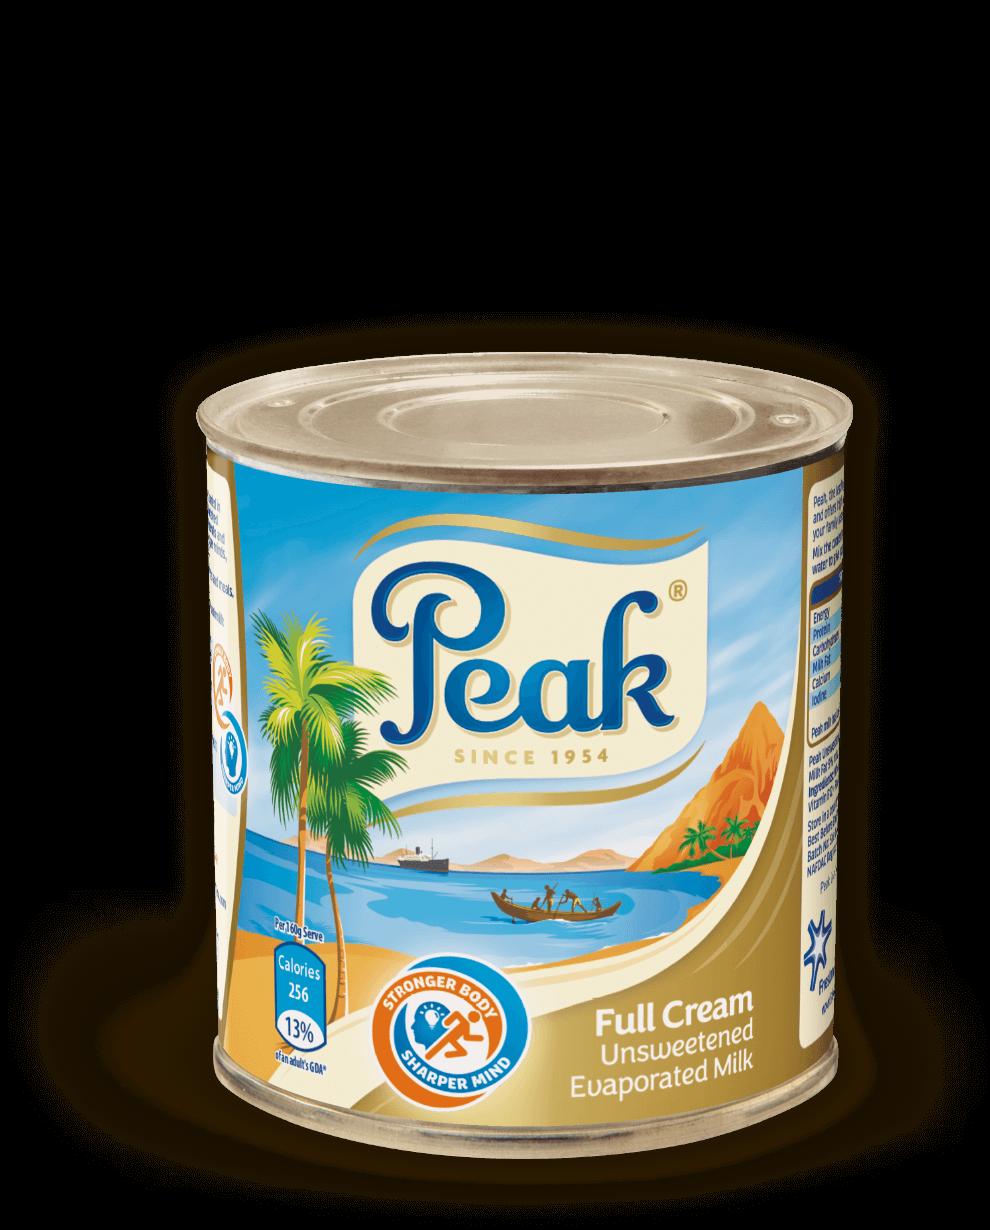 Peak Full Cream Unsweetened Evaporated Milk Tin